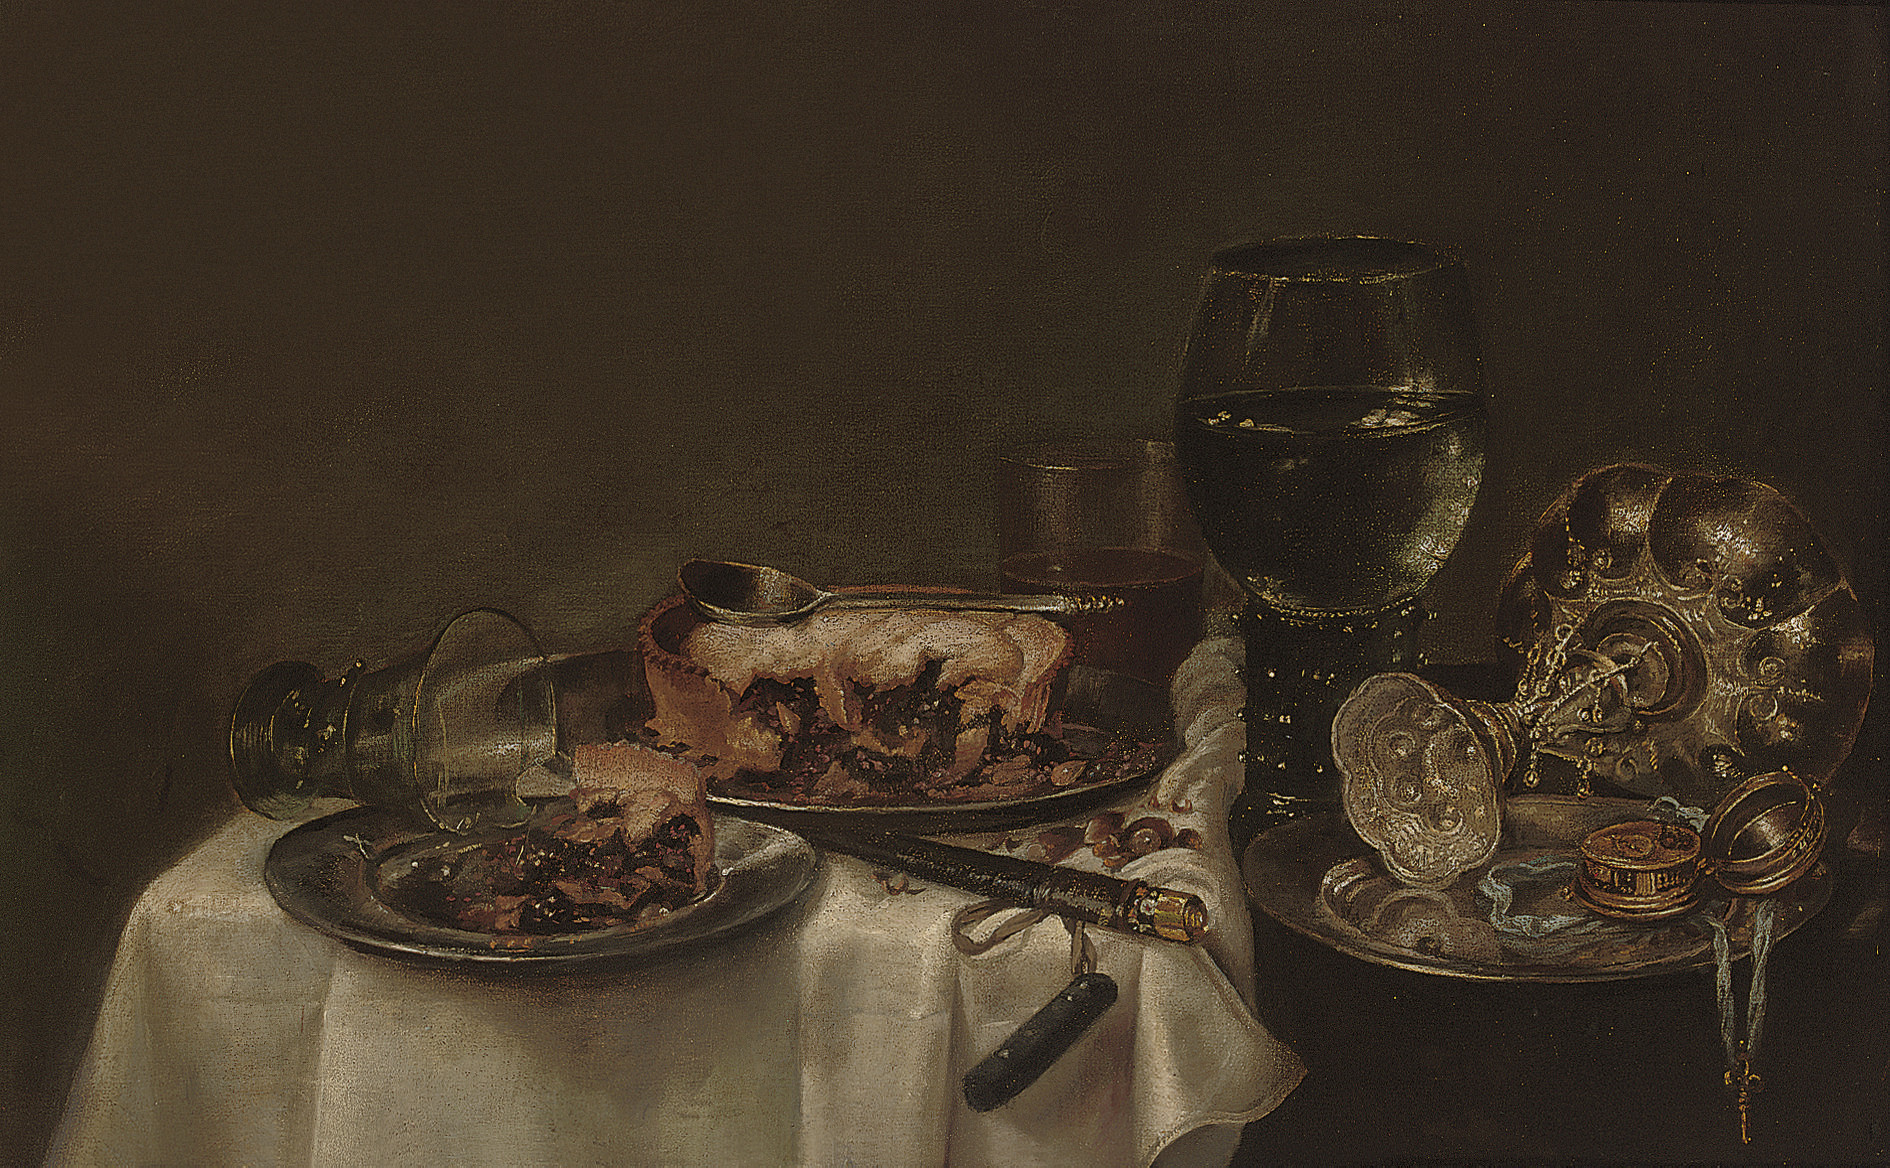 Manner of Willem Claesz. Heda